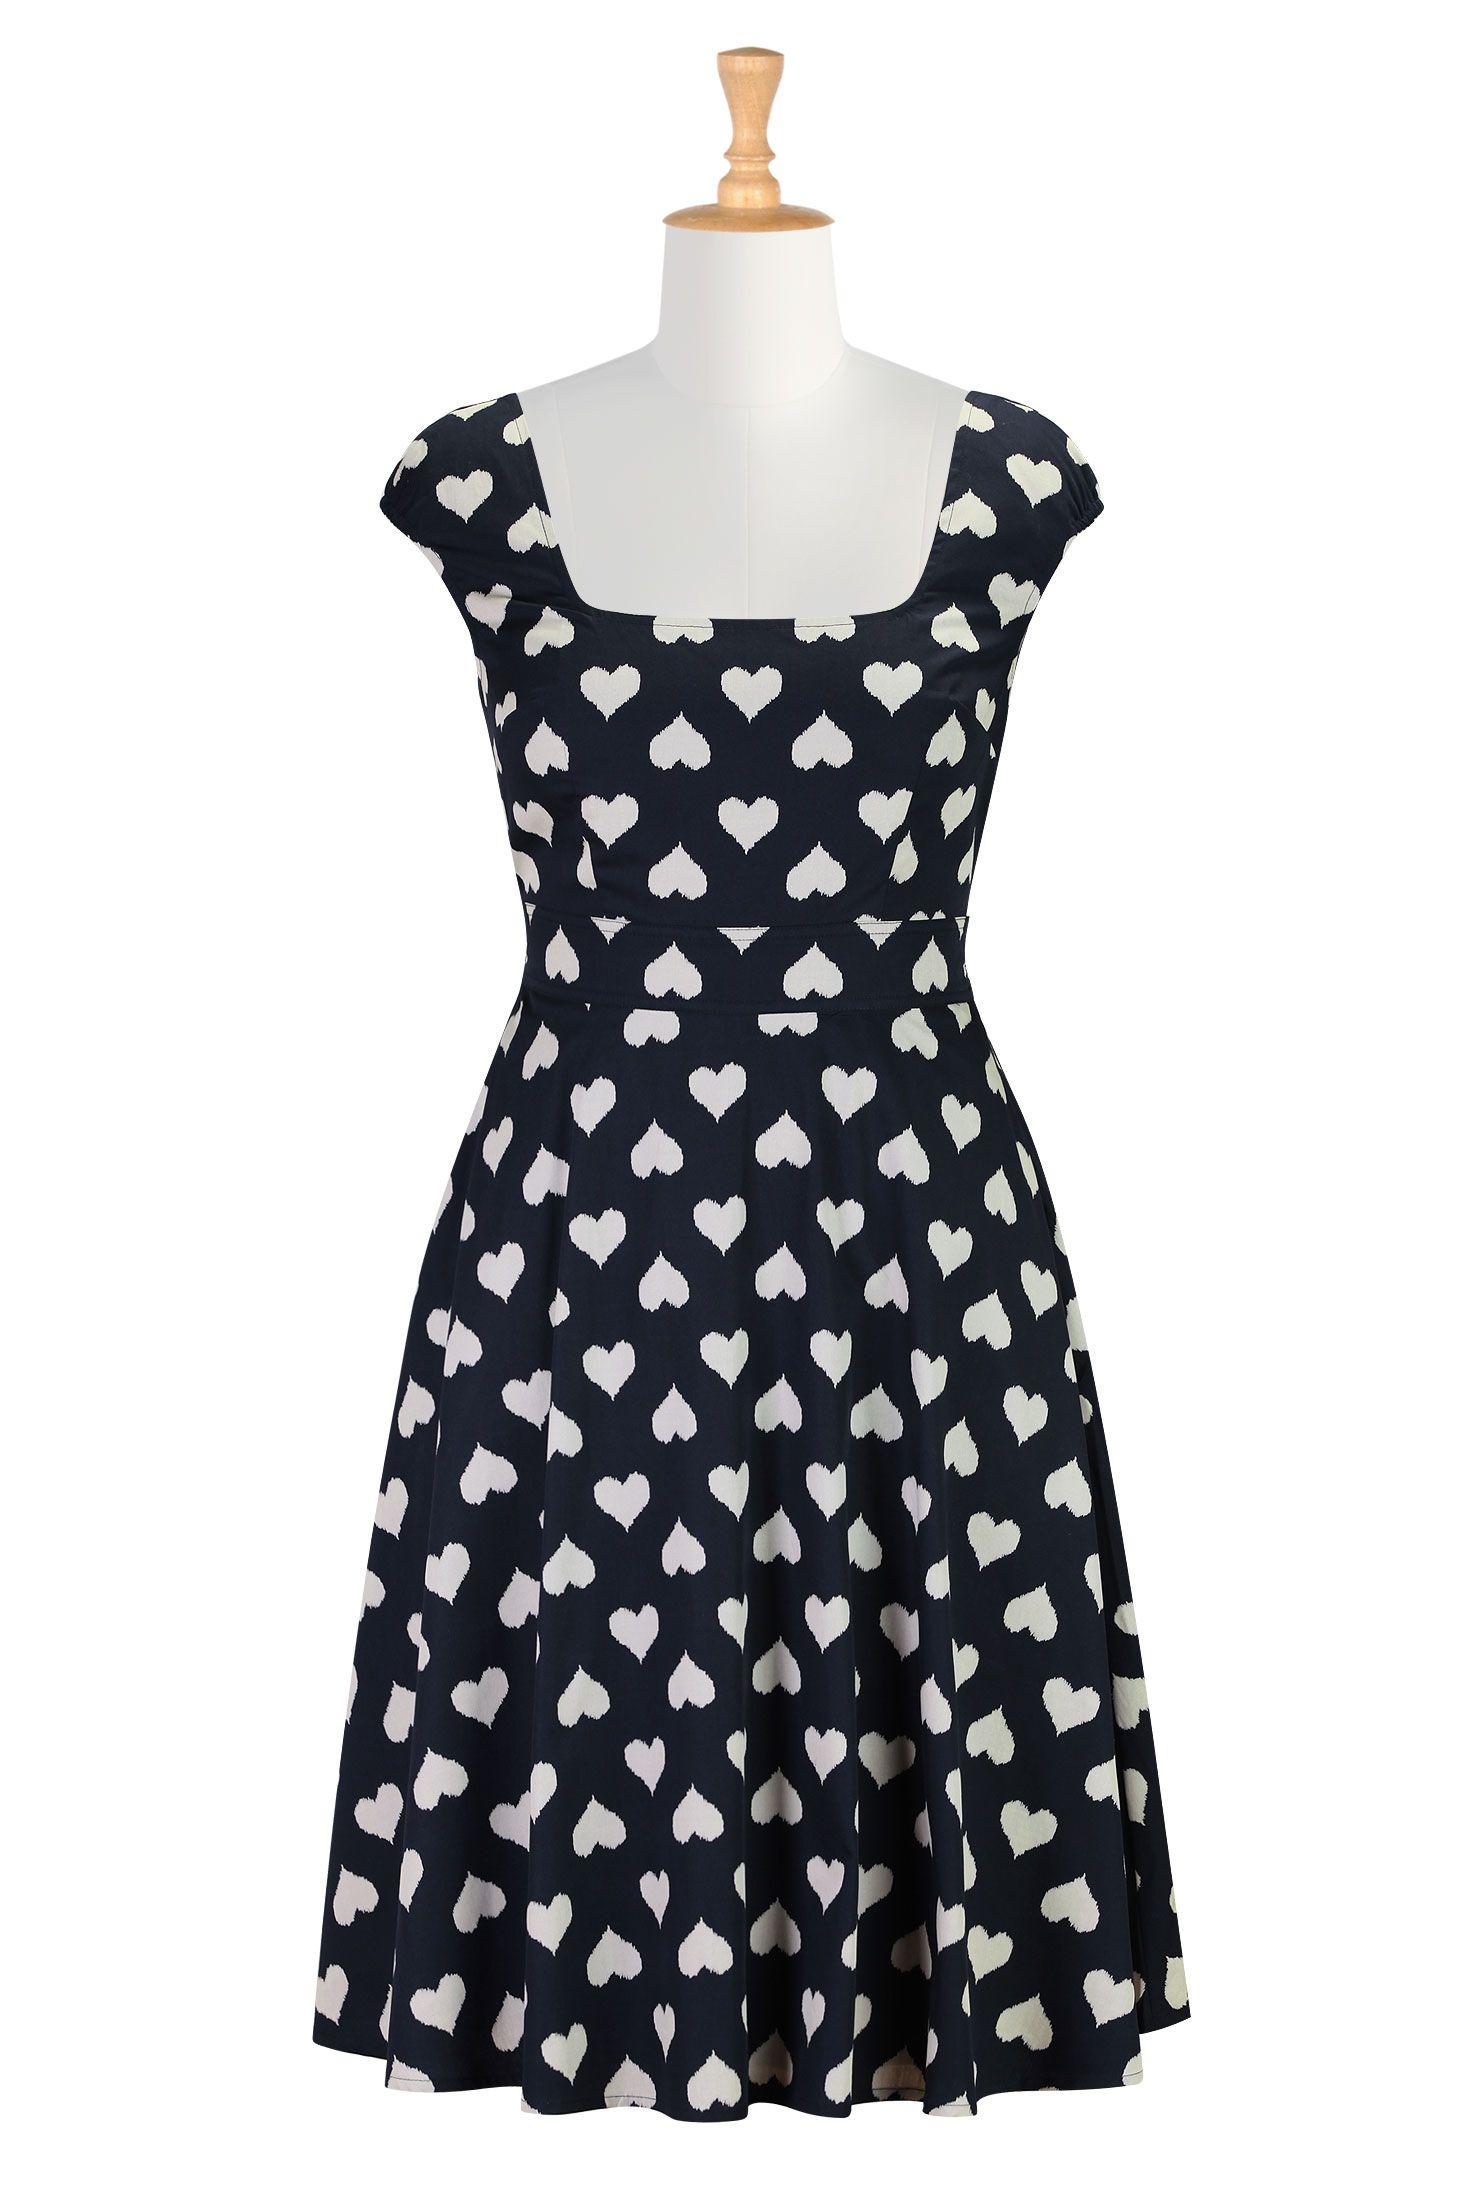 Valentine Dresses, Heart Print Cotton Dresses Shop Women's Dresses ...